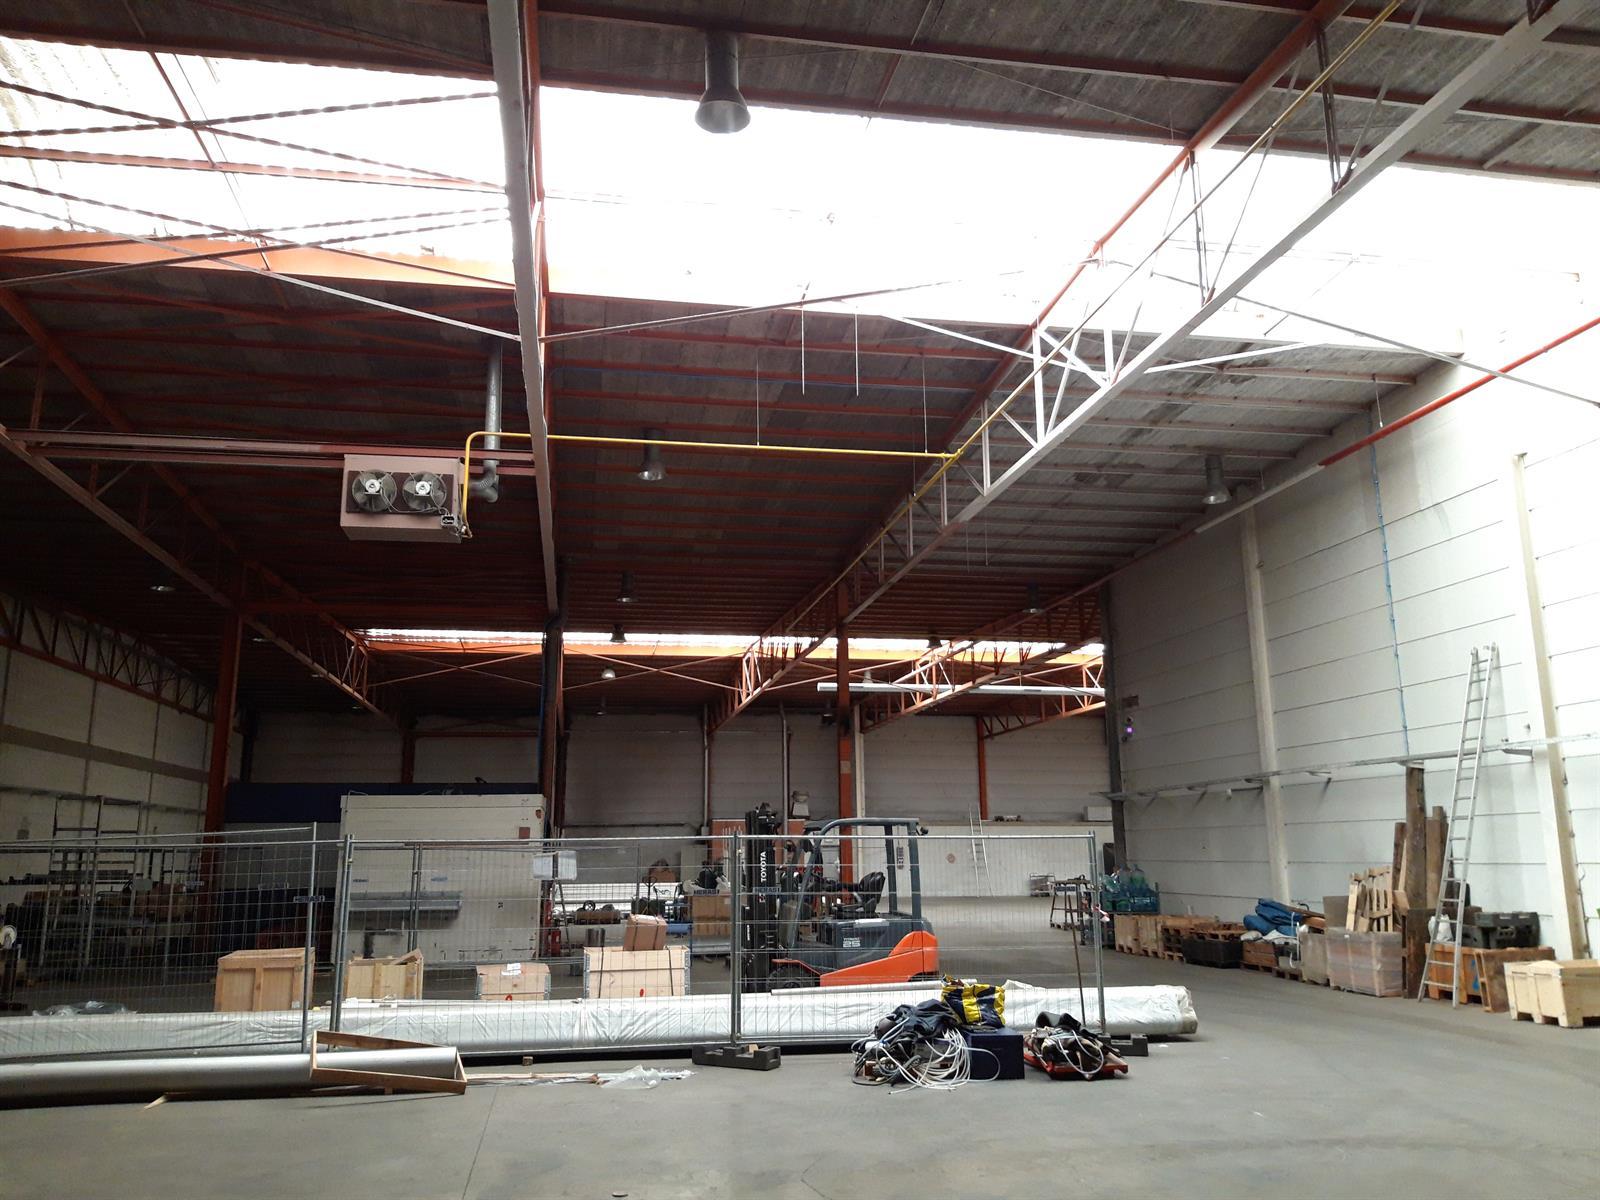 kantoren & magazijn te koop OUDEBAAN 71 WILRIJK - Oudebaan 71, 2610 Antwerpen Wilrijk, België 7